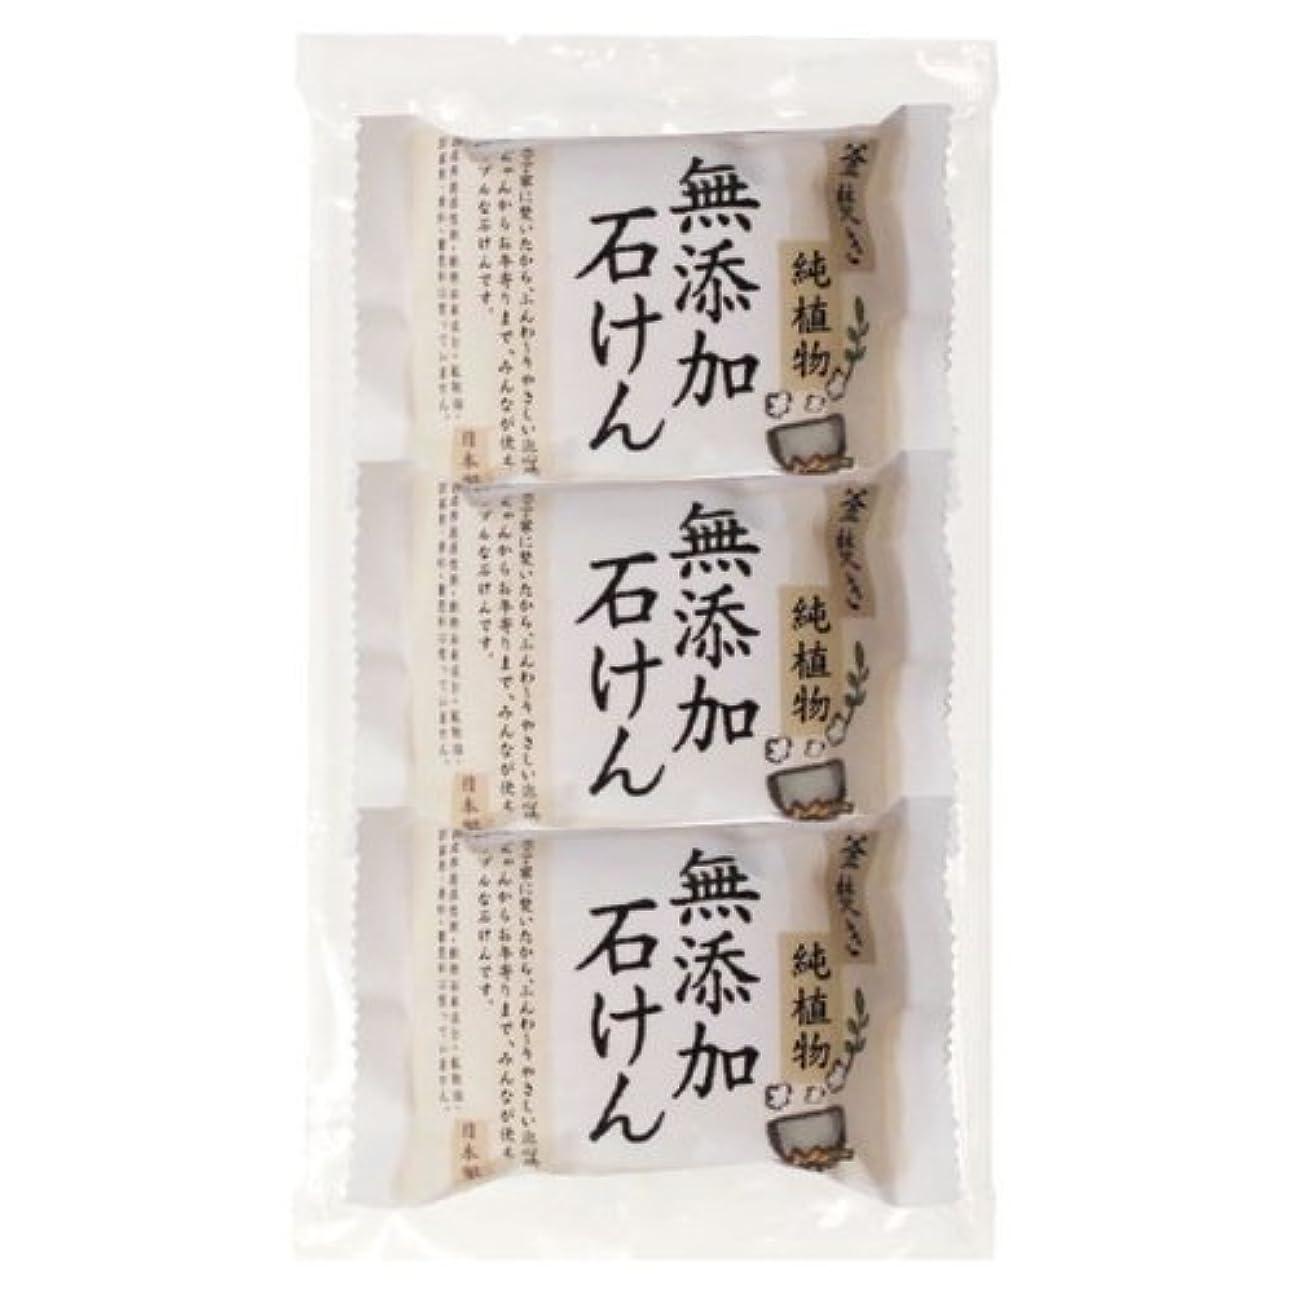 香港溶岩まっすぐにする釜焚き純植物無添加石けん 85g×3個パック